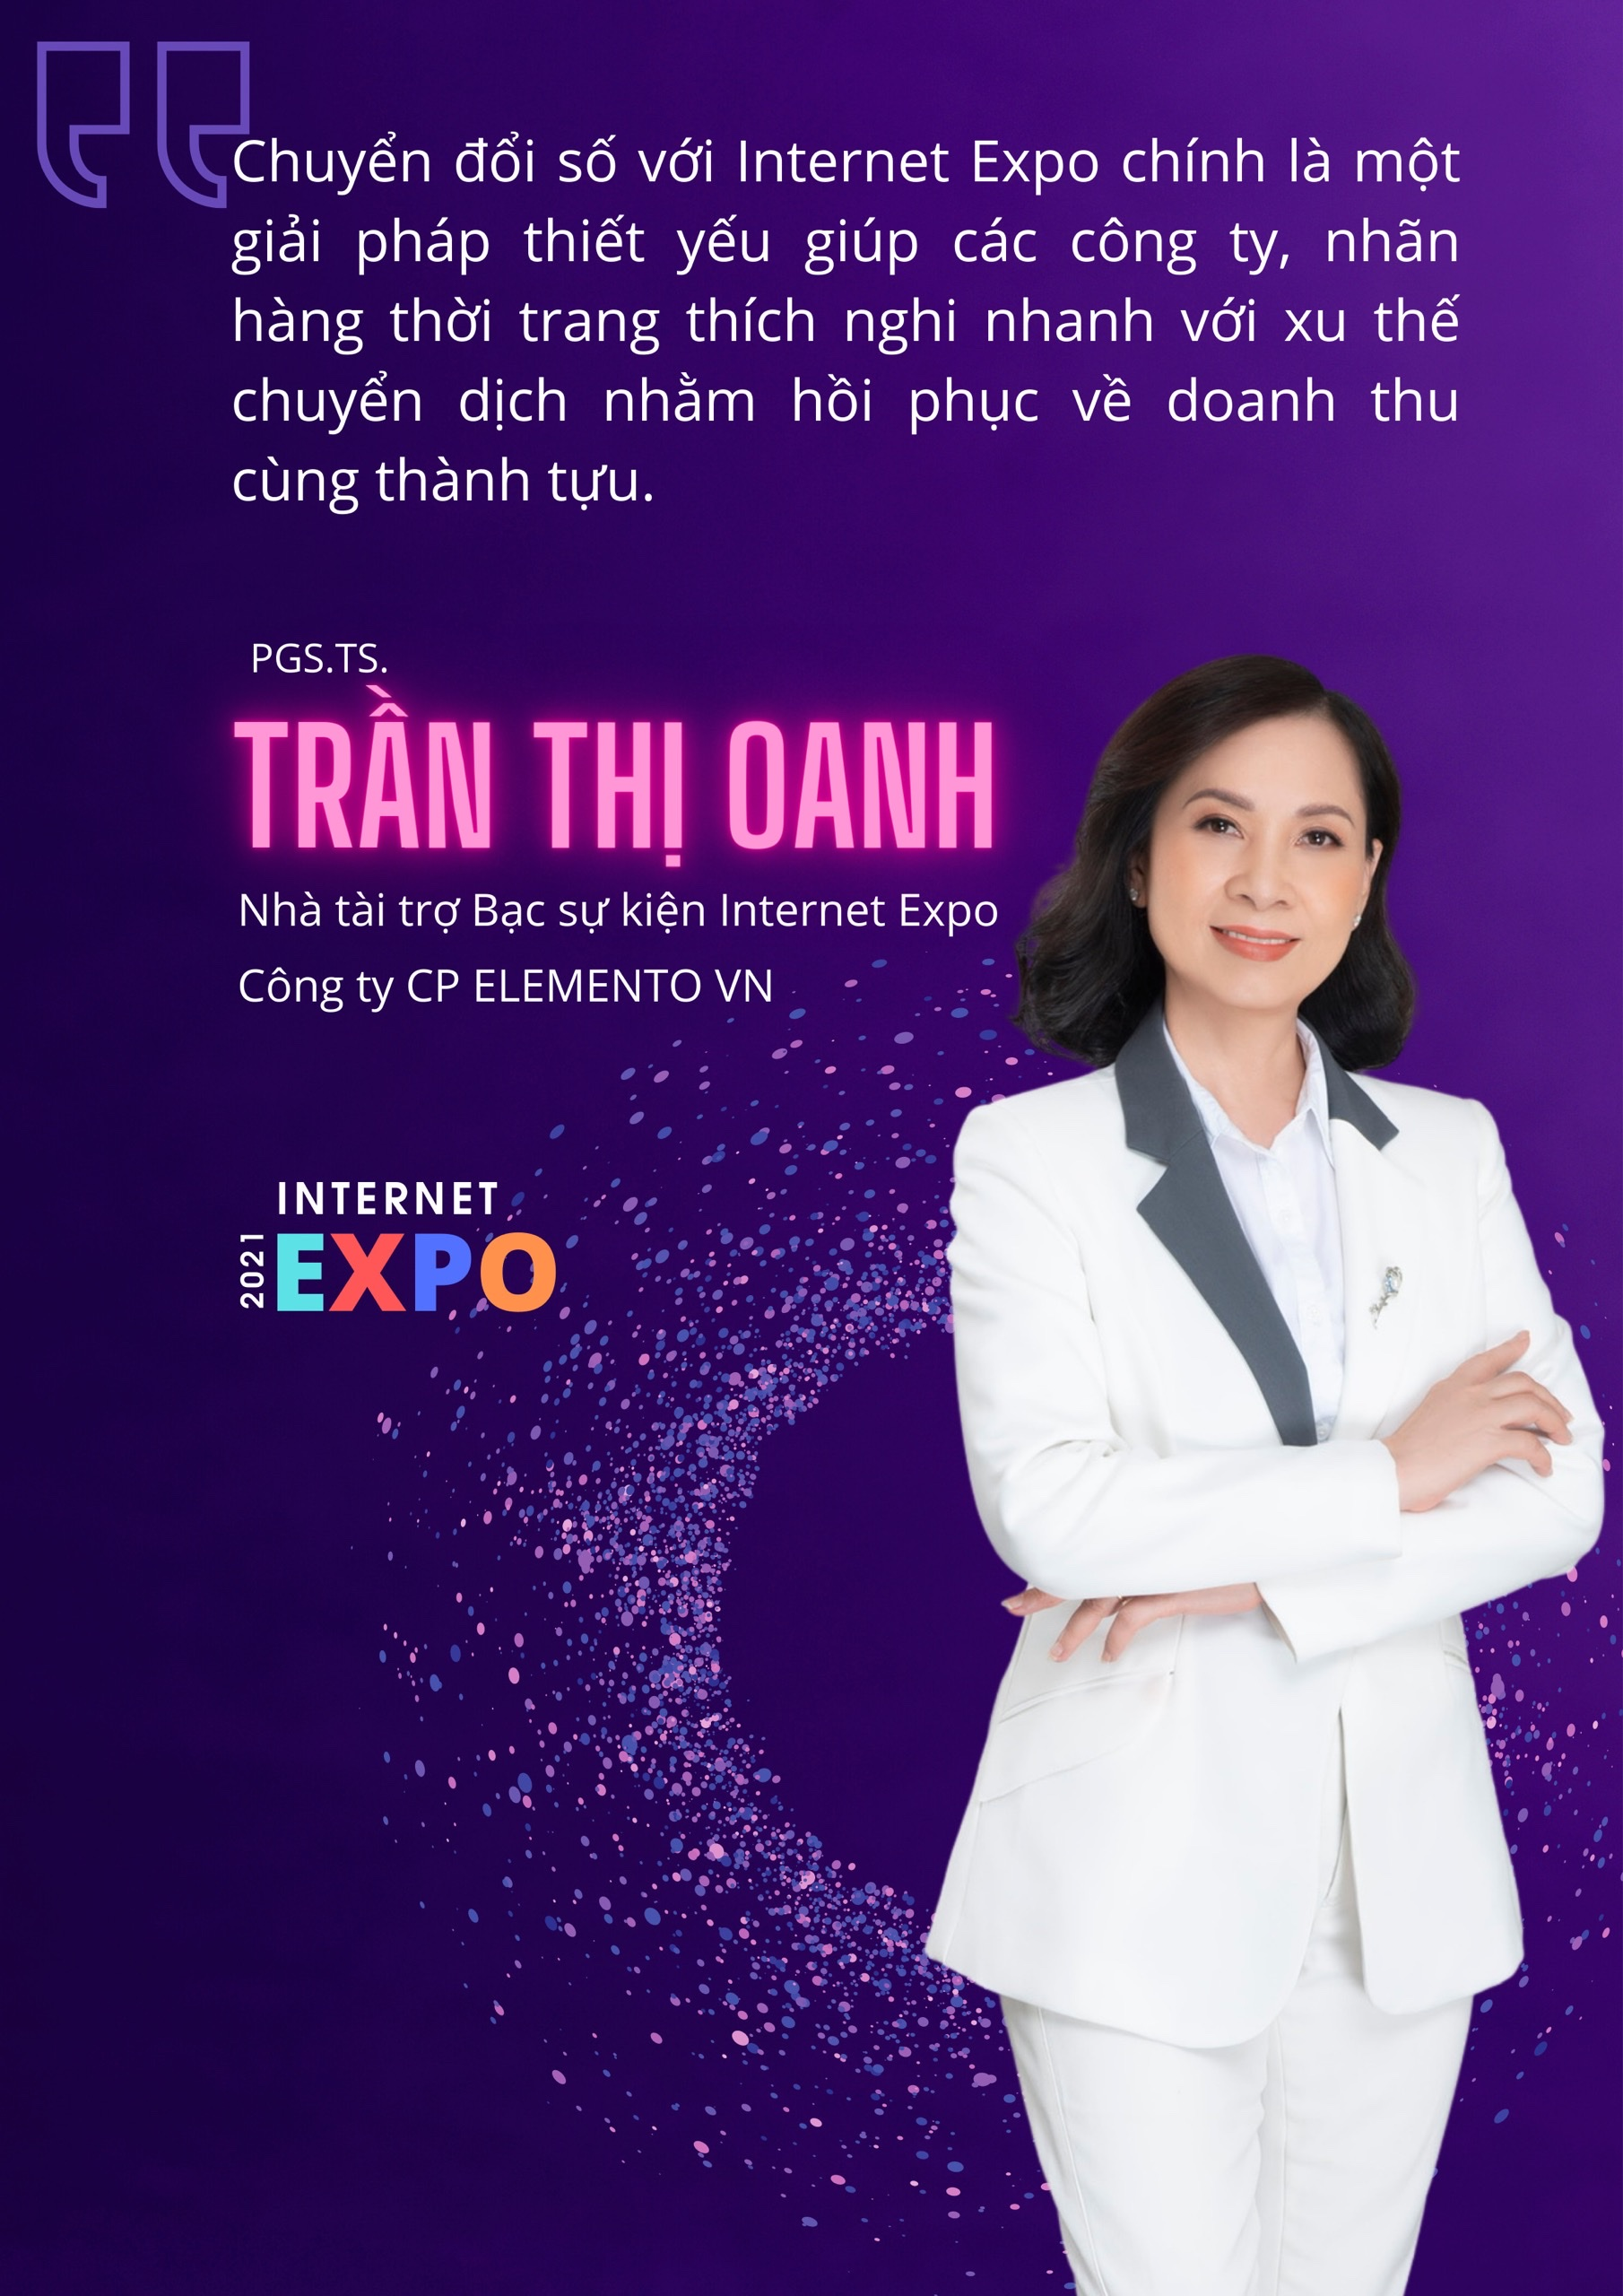 Đồng hành cùng Internet Expo 2021 – Phát biểu của PGS.TS. Trần Thị Oanh tại chương trình Chuyển đổi số trong ngành làm đẹp, thể thao và sức khỏe